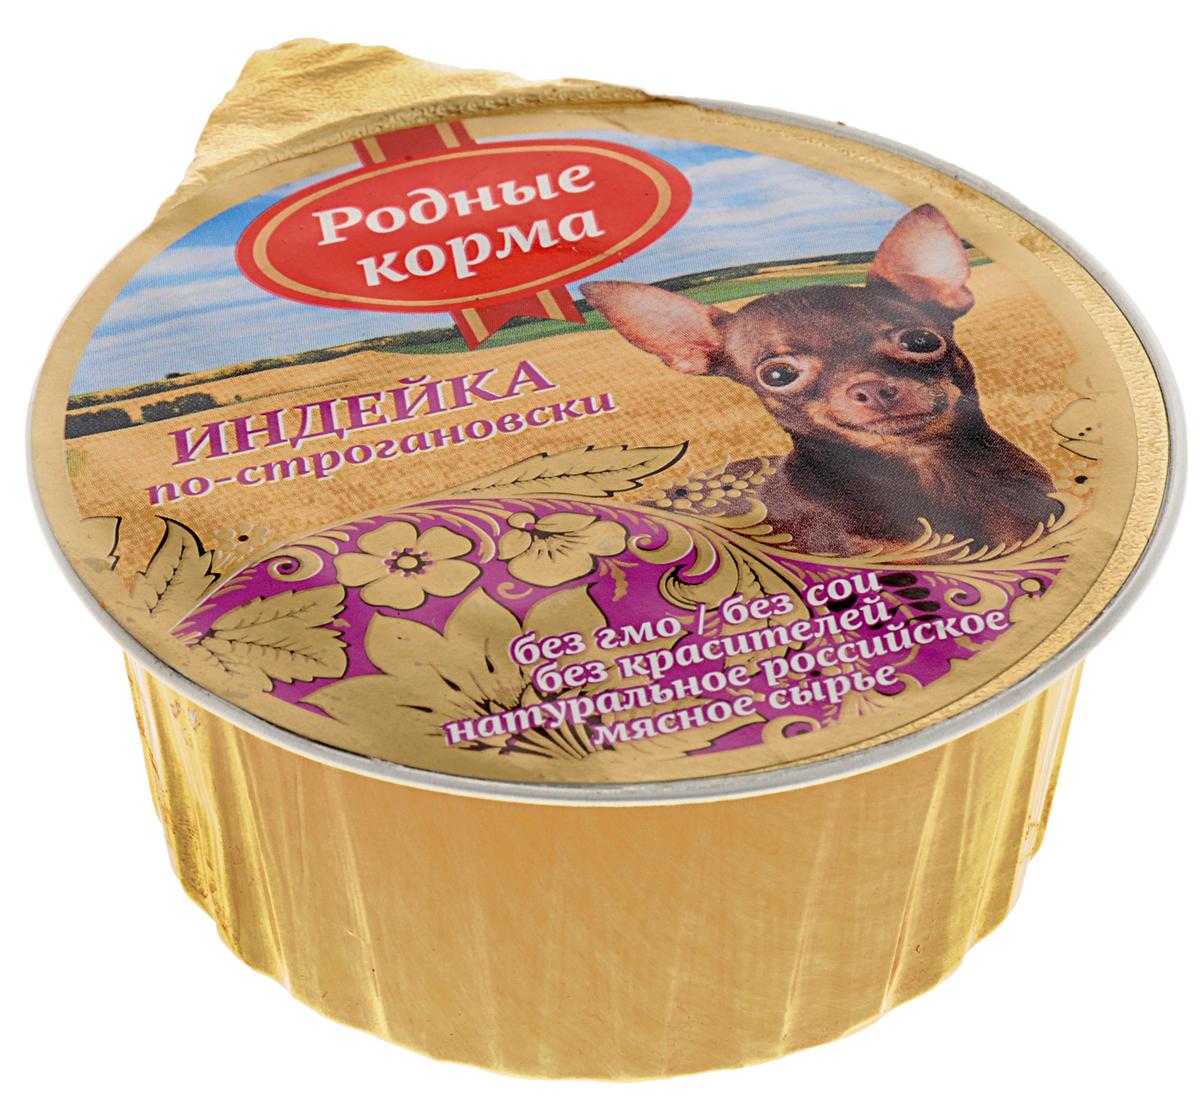 Консервы для собак Родные корма Индейка по Строгановски, 125 г60237В рацион домашнего любимца нужно обязательно включать консервированный корм, ведь его главные достоинства - высокая калорийность и питательная ценность. Консервы лучше усваиваются, чем сухие корма. Также важно, что животные, имеющие в рационе консервированный корм, получают больше влаги. Полнорационный консервированный корм Родные корма Индейка по Строгановски идеально подойдет вашему любимцу. Консервы приготовлены из натурального российского мяса.Не содержат сои, консервантов, красителей, ароматизаторов и генномодифицированных продуктов.Состав: мясо индейки, мясо птицы, мясопродукты, натуральная желирующая добавка, злаки( не более 2%),растительное масло, соль,вода. Пищевая ценность в 100 г: 8% протеин, 6% жир, 0,2% клетчатка, 2% зола, 4% углеводы, влага - до 80%. Энергетическая ценность: 102 кКал. Вес: 125 г.Товар сертифицирован.